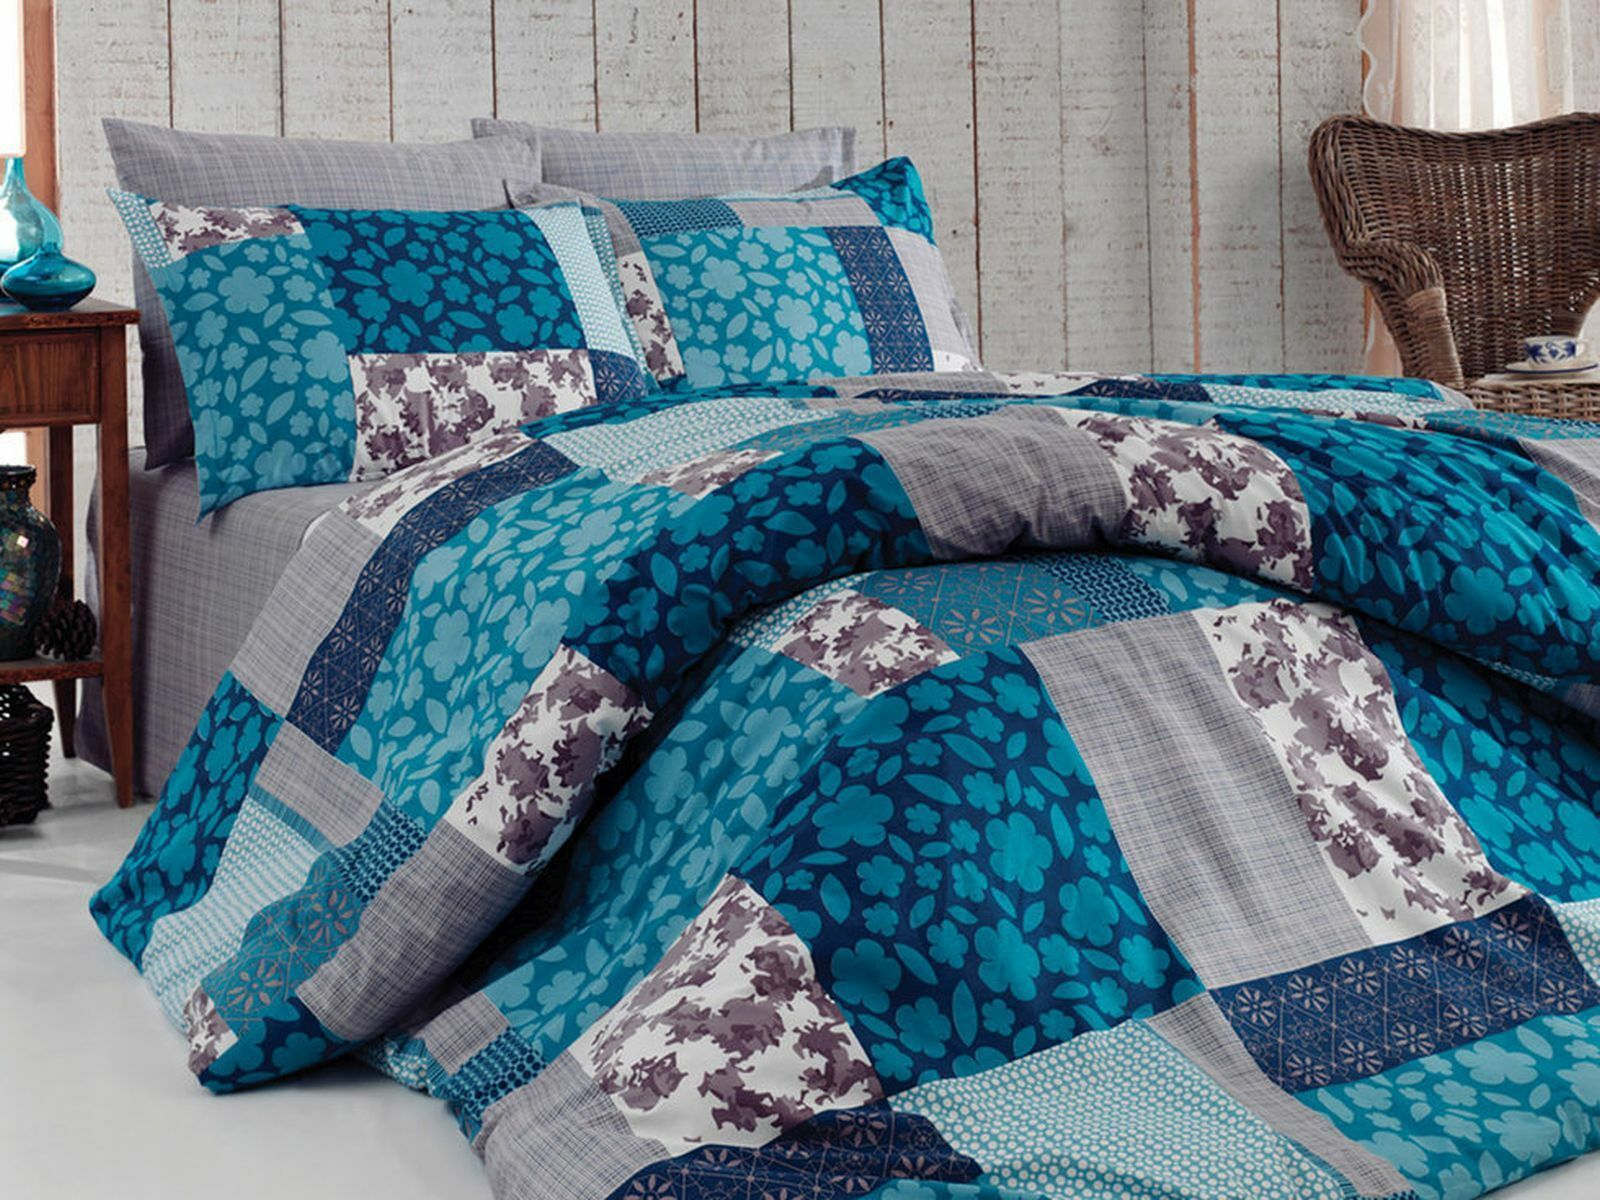 Bettwäsche 135x200 Bettgarnitur Bettbezug Baumwolle Kissen 6 Tlg Bl